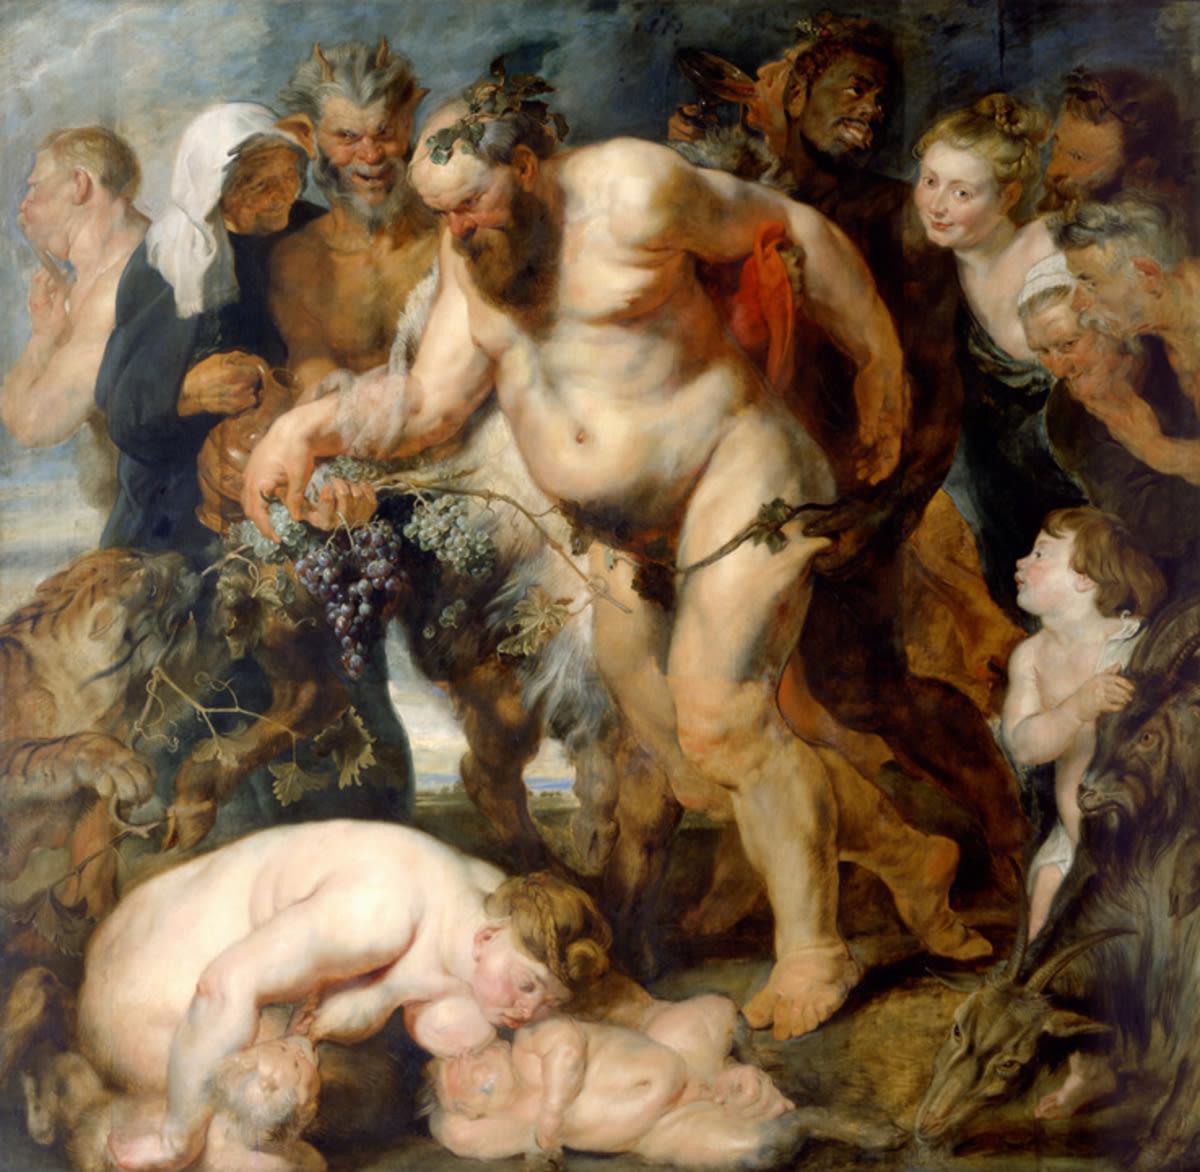 Rubens Der trunkene Silen